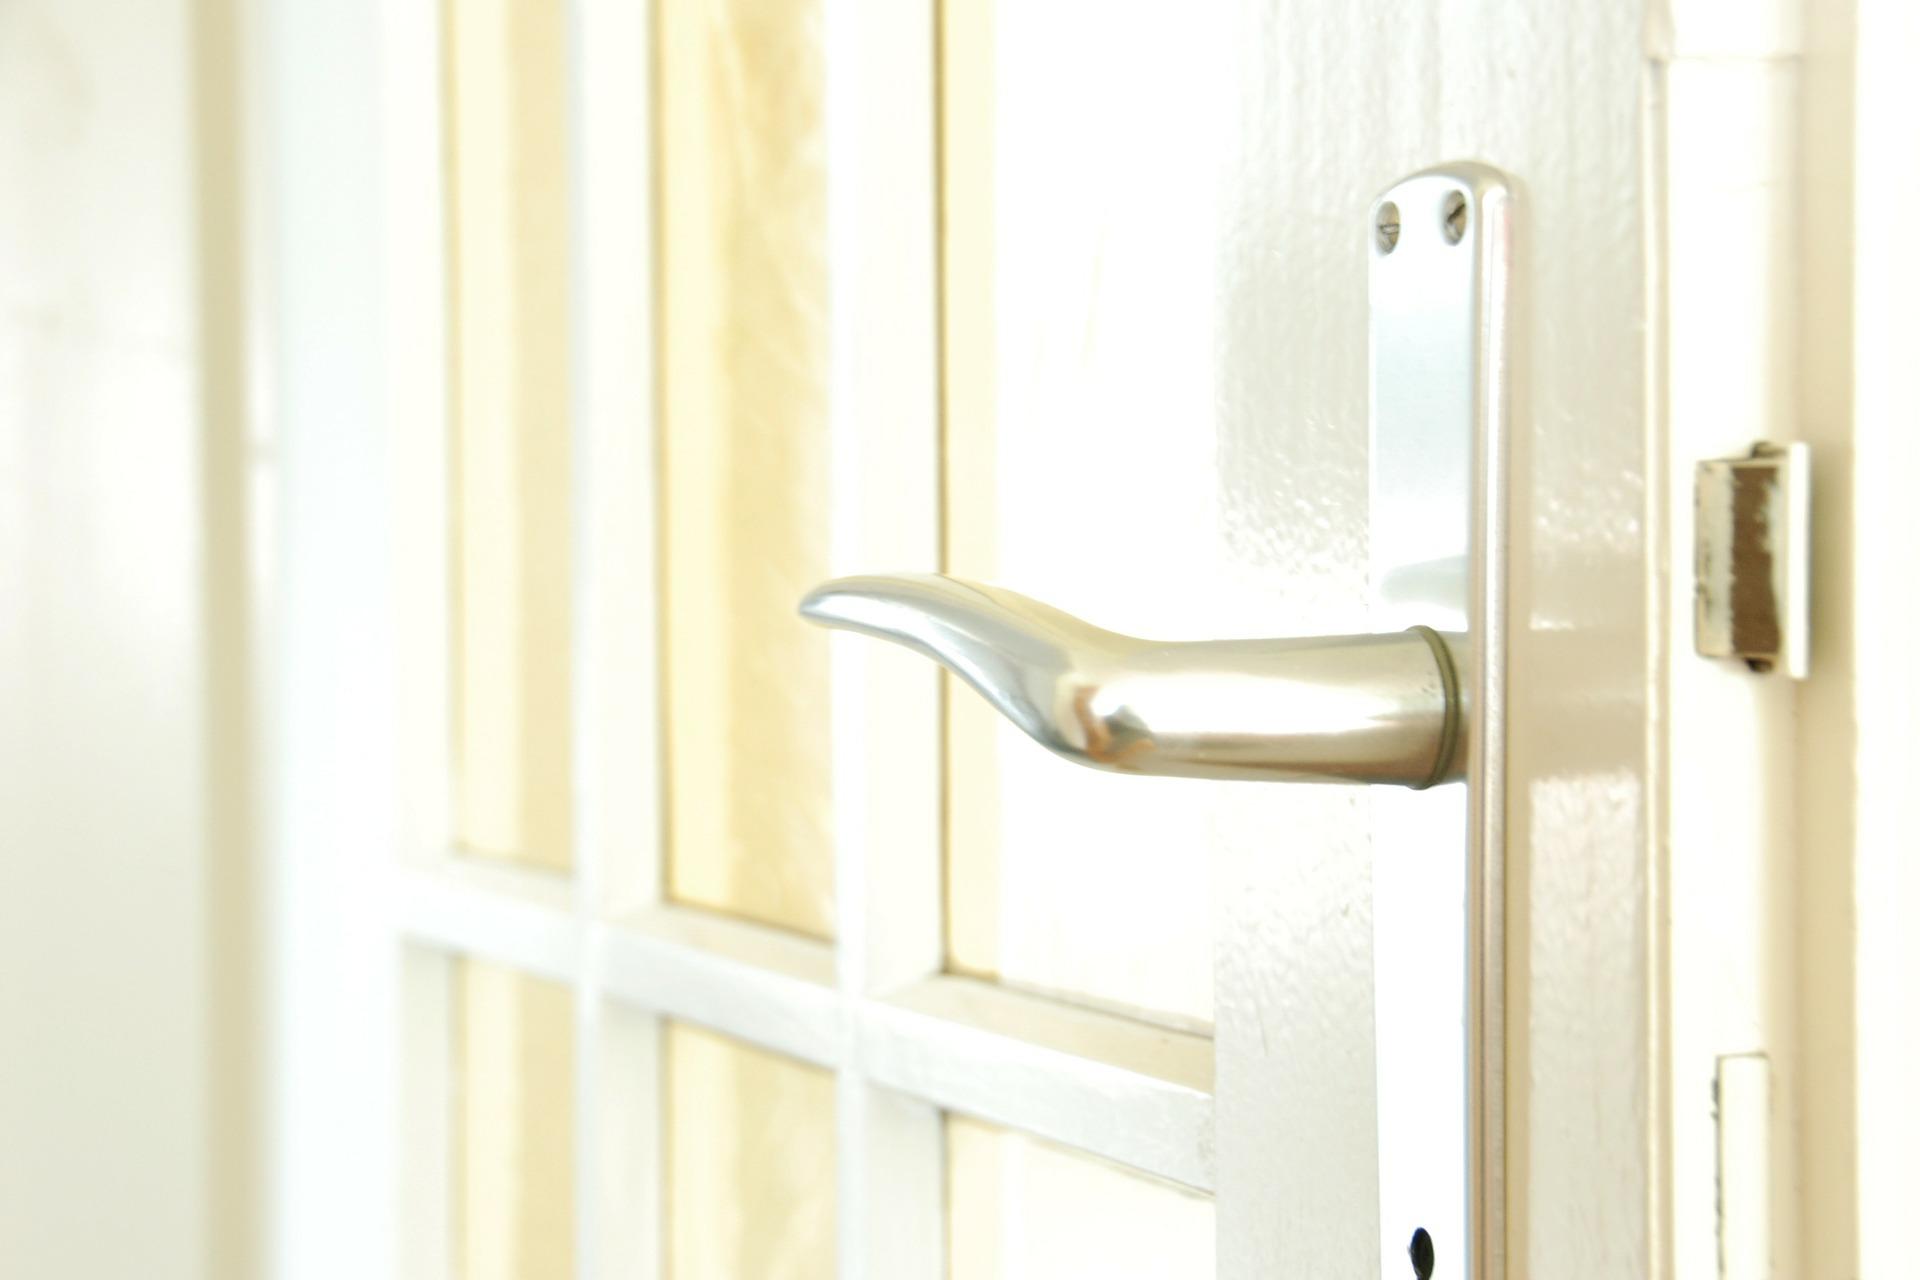 démonter une poignée de porte